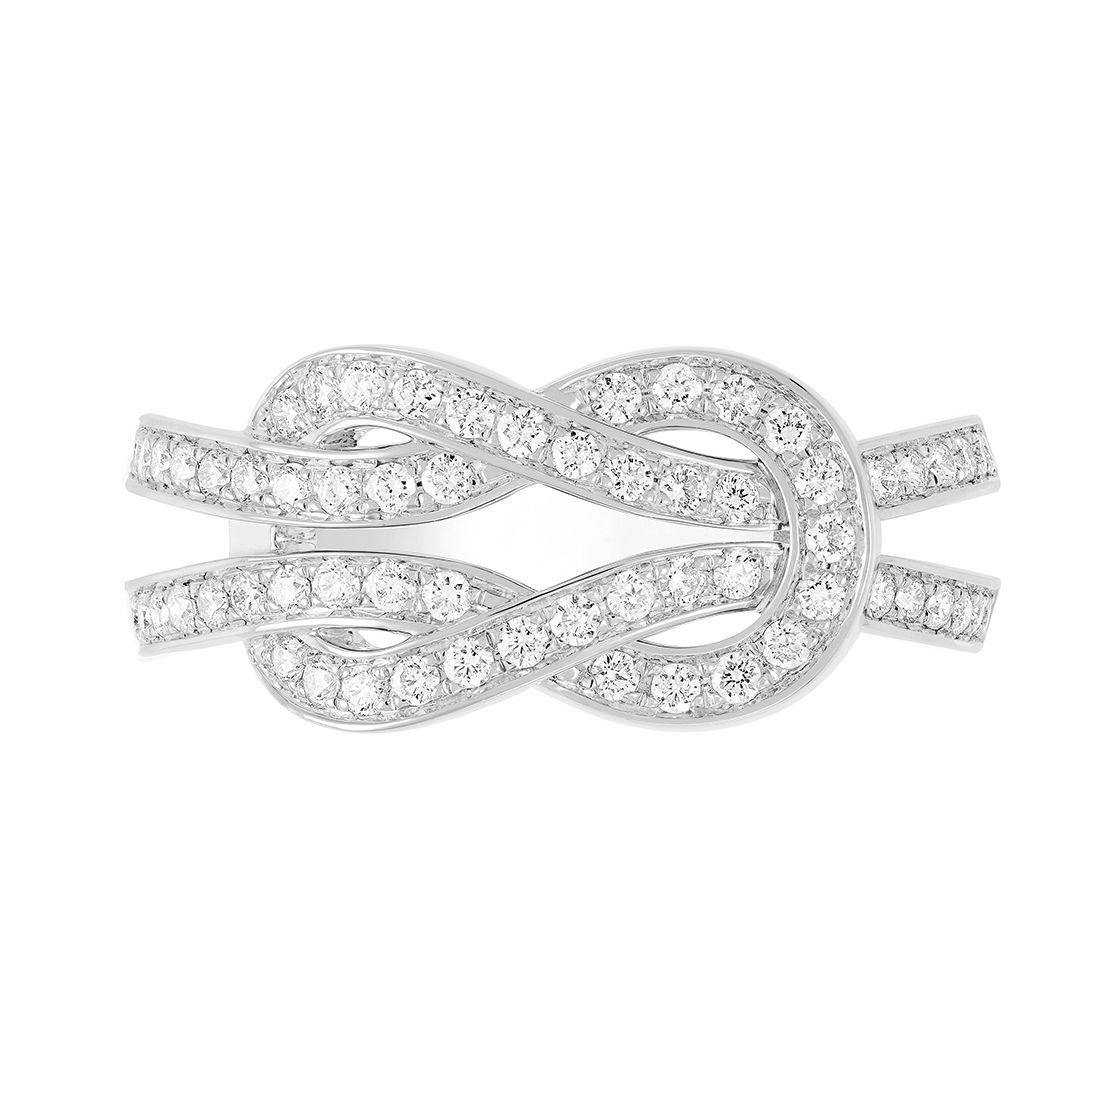 Bague FRED 8°0 en or blanc et diamants vue 2